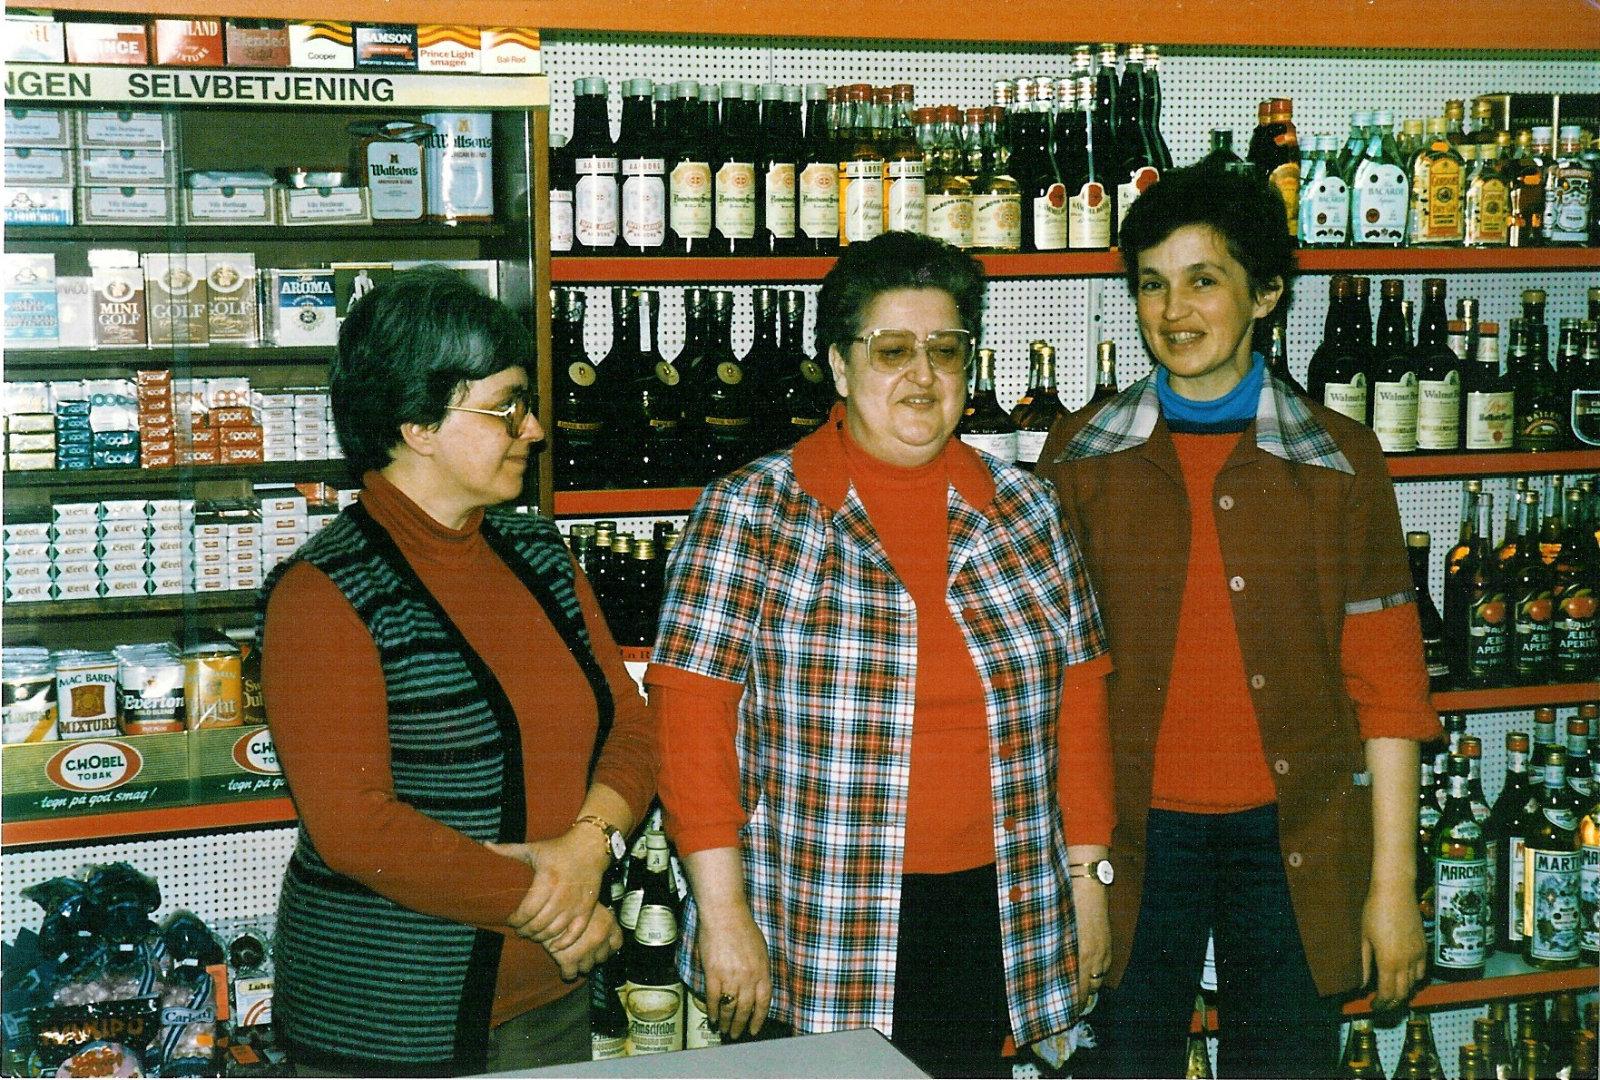 Fra venstre er det Eva Skov, Bodil Horshauge og Bente Larsen